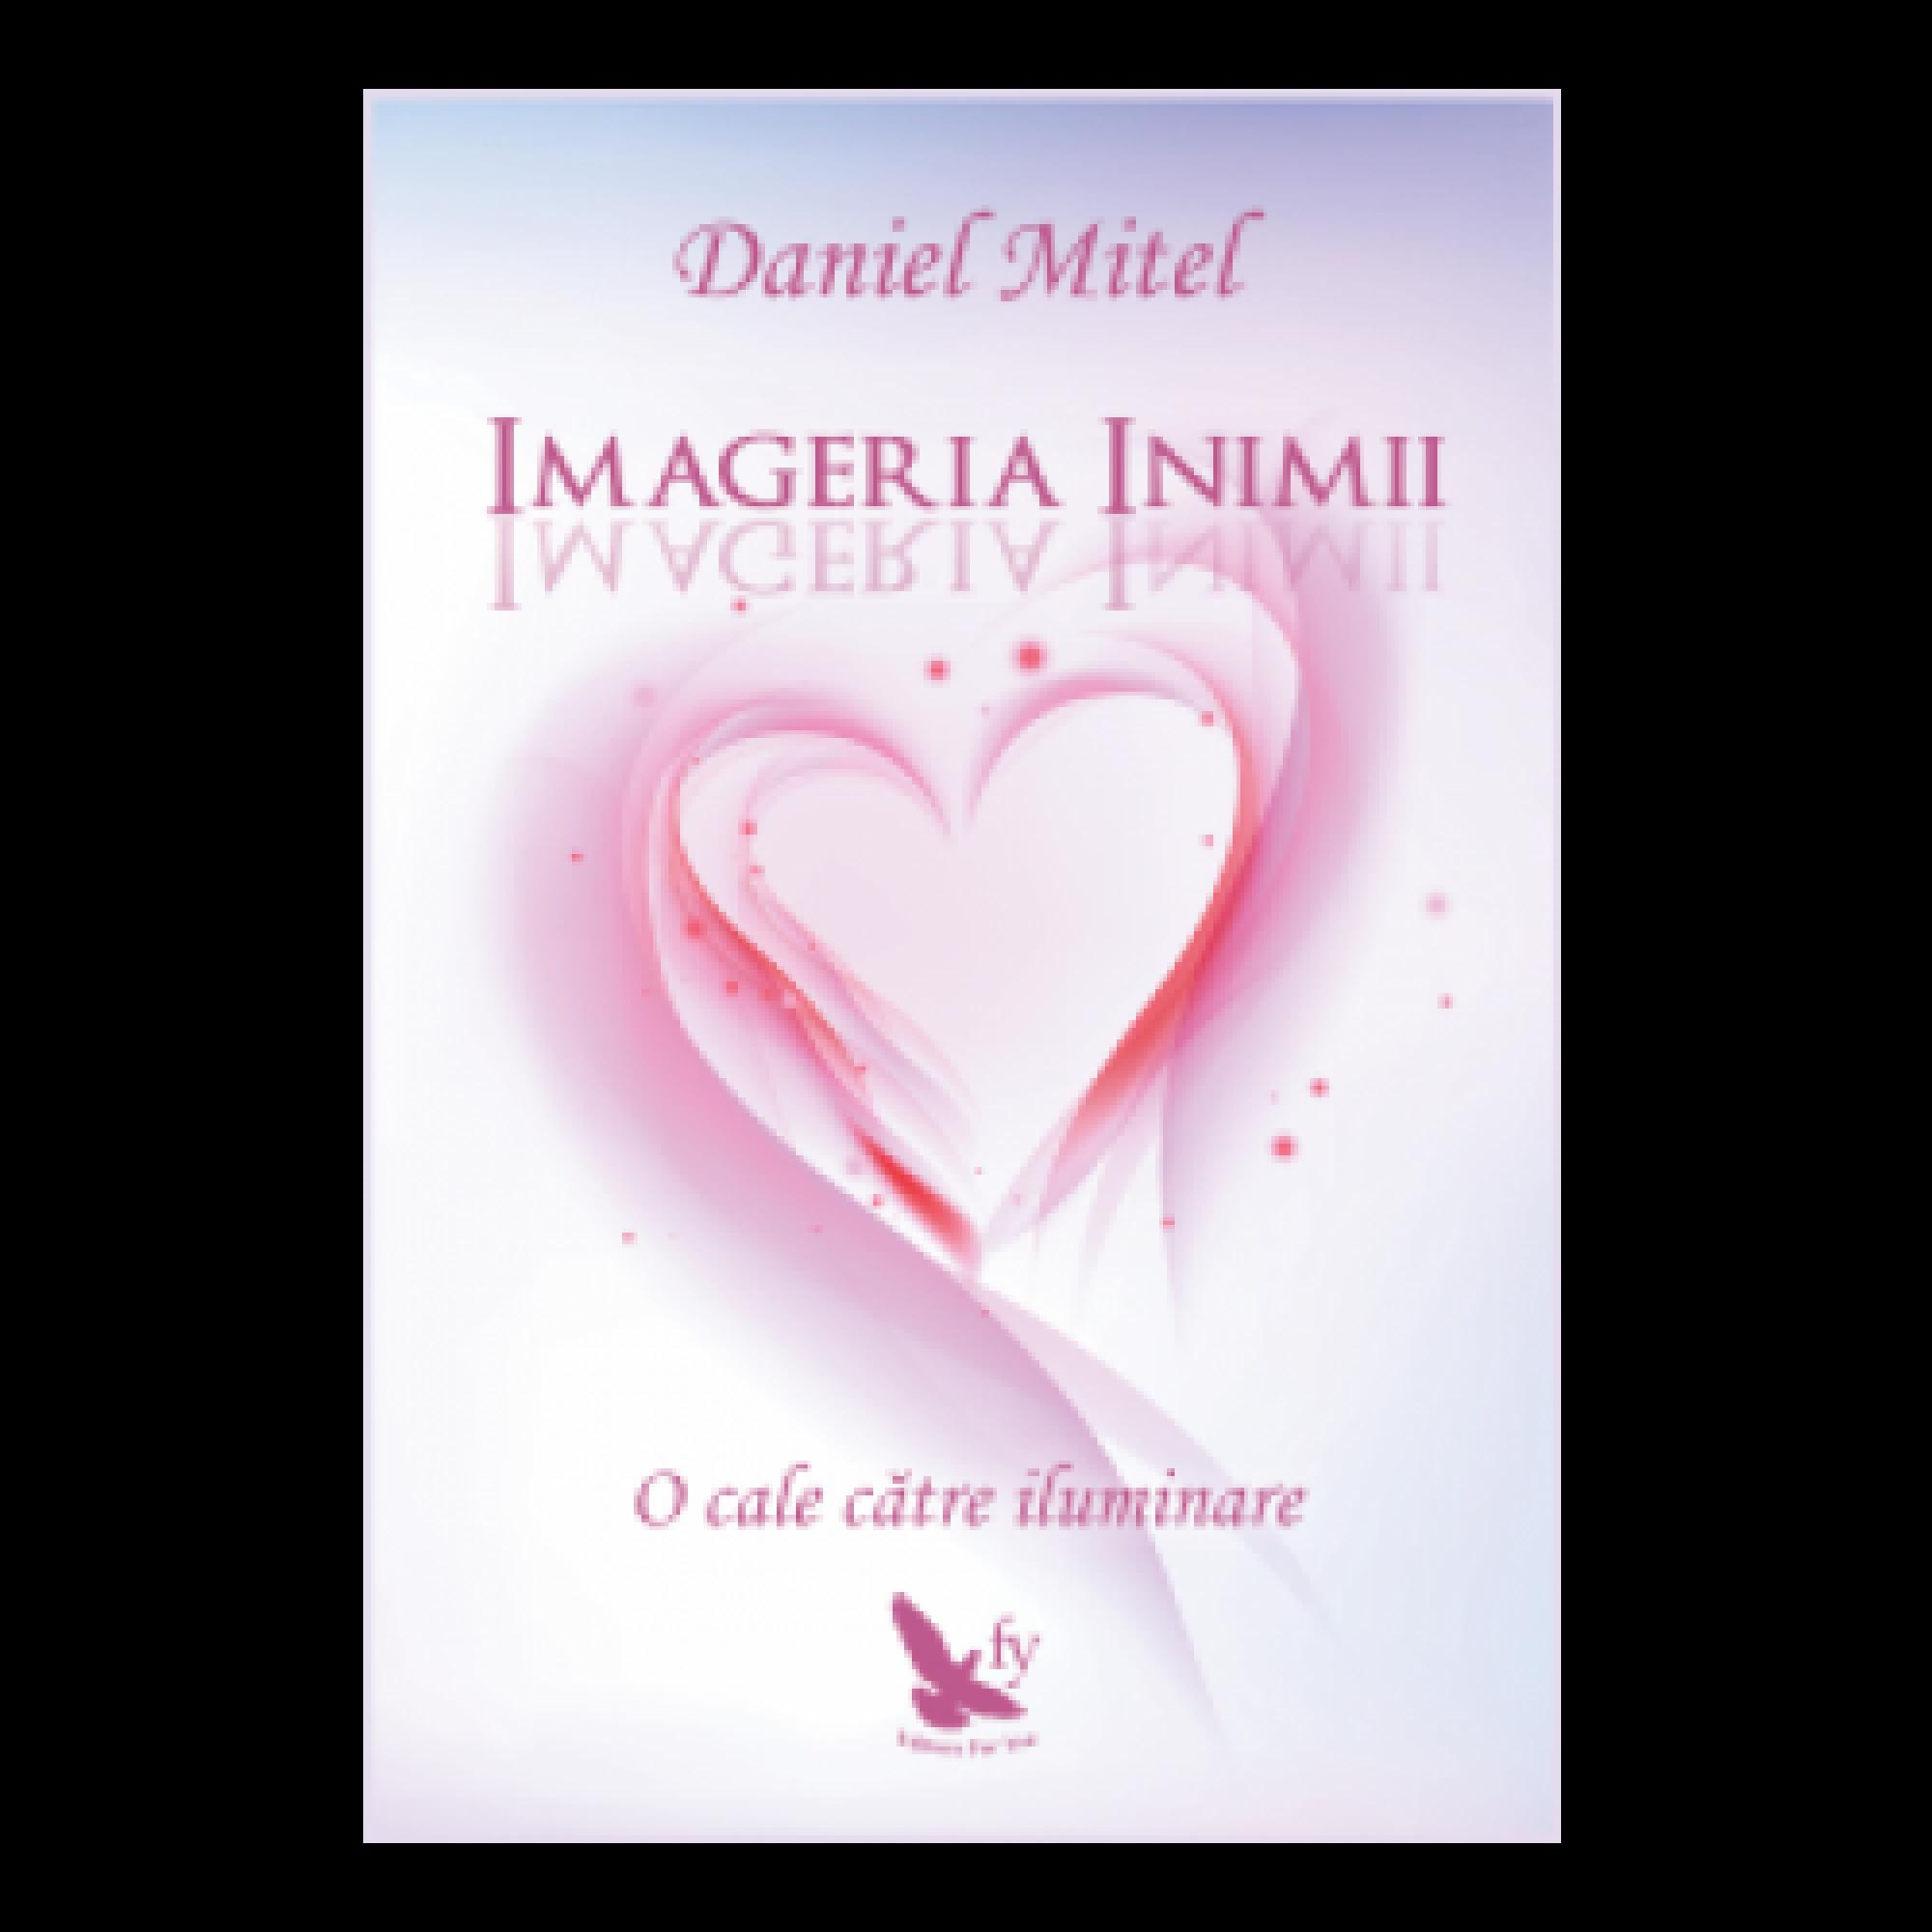 Imageria inimii